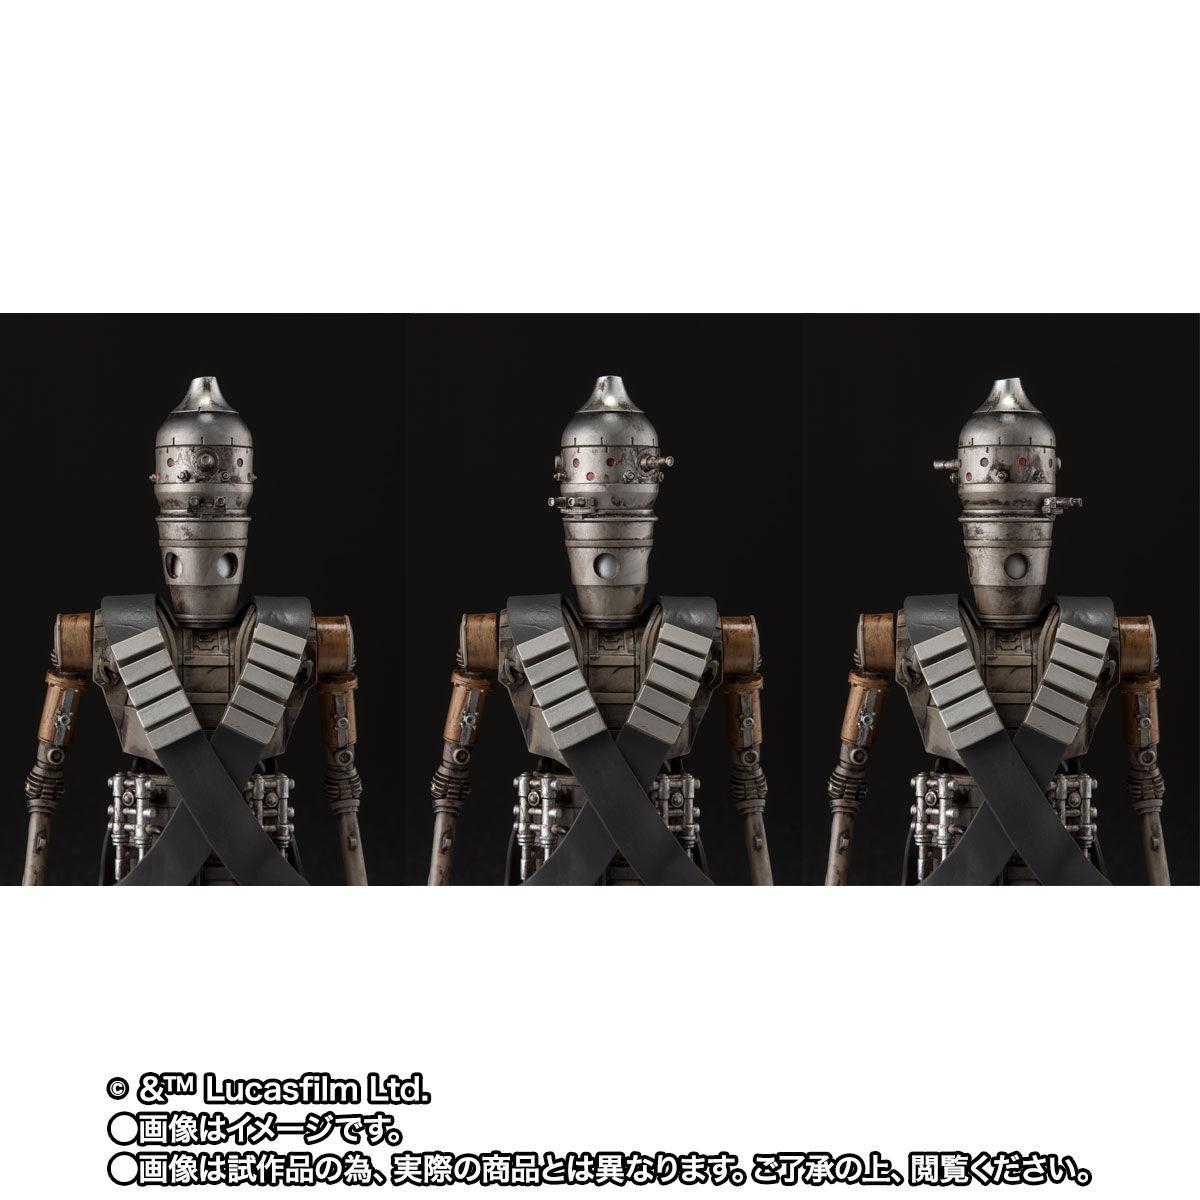 【限定販売】S.H.Figuarts『IG-11(STAR WARS:The Mandalorian)』マンダロリアン 可動フィギュア-006